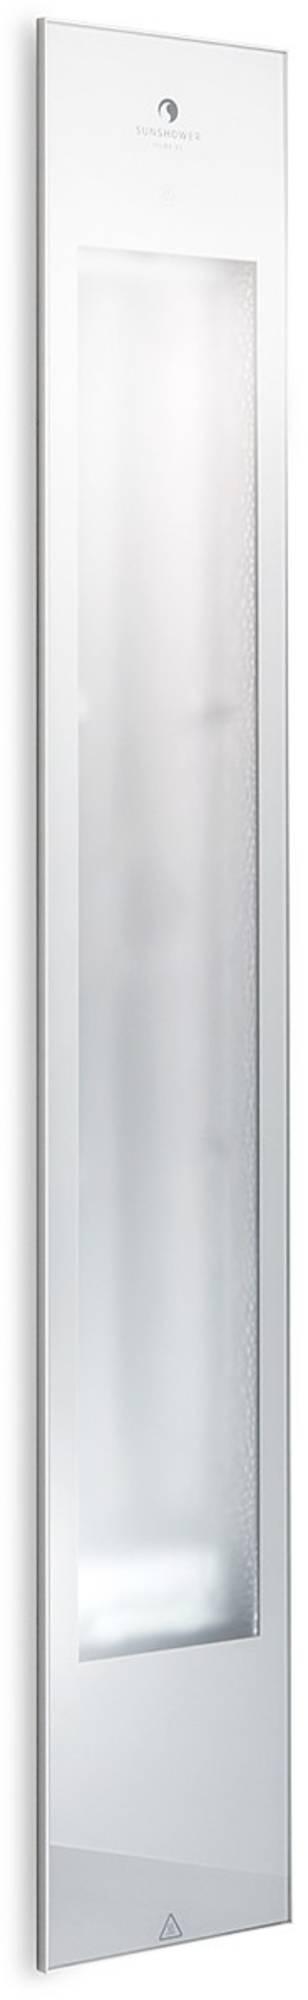 Productafbeelding van Sunshower Pure inbouw infraroodlamp 62x20x10cm